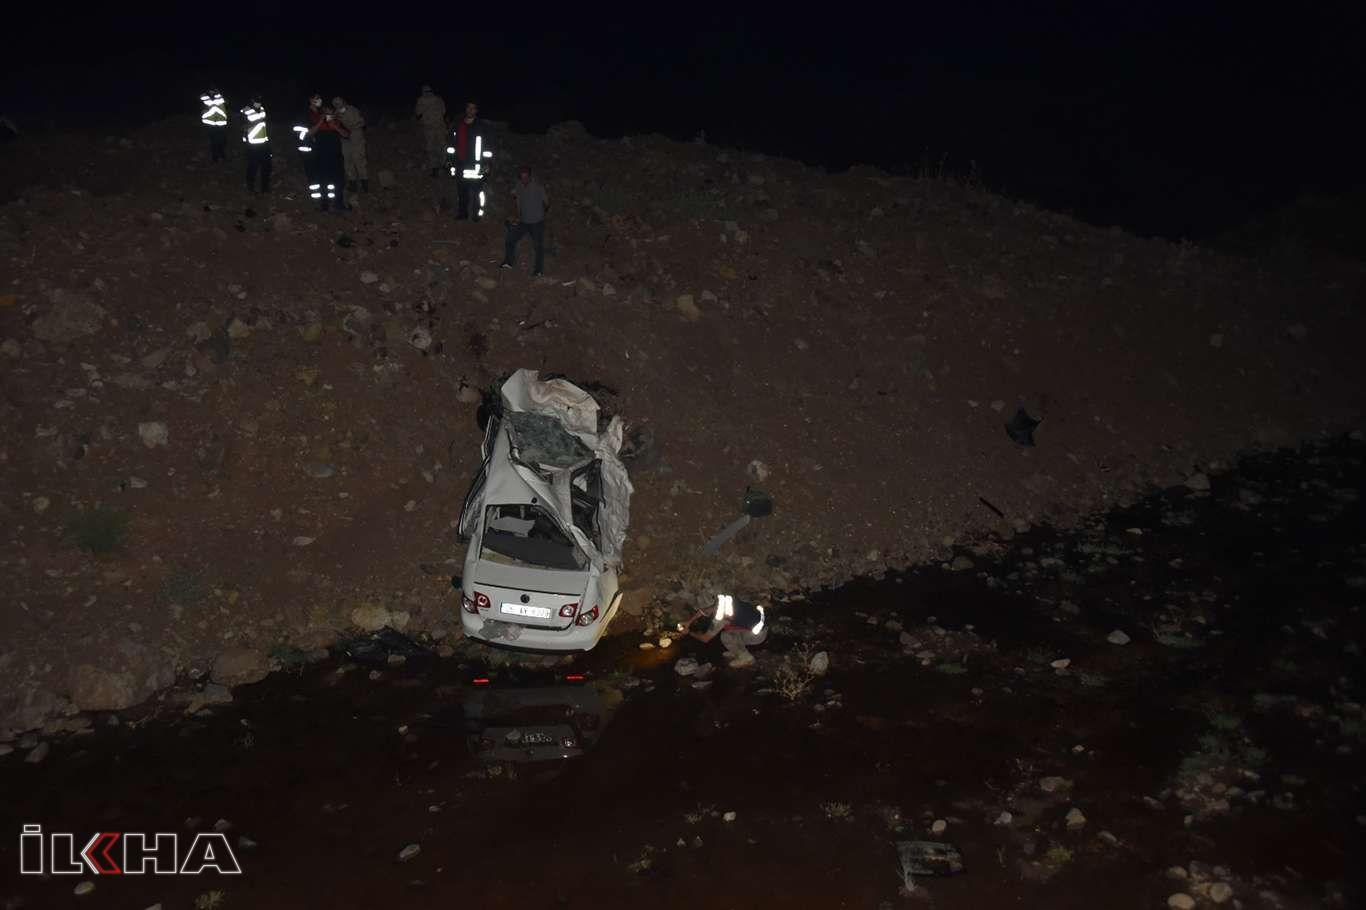 Şanlıurfada otomobil köprüden aşağı uçtu: 2 ölü, 1 yaralı